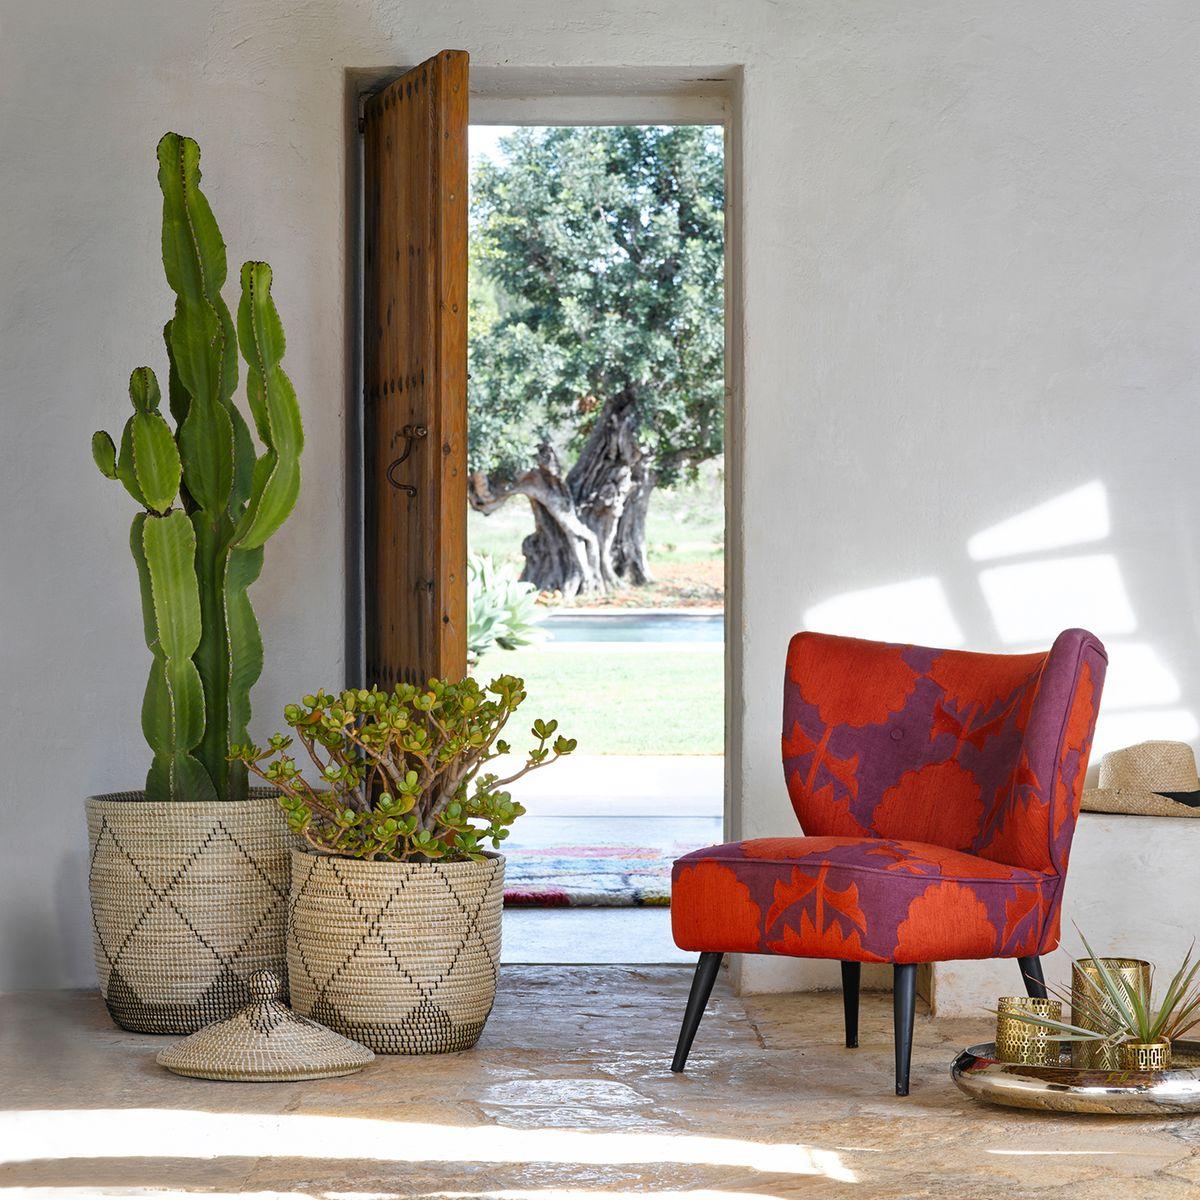 panier de rangement hall entrée estivale porte bois fauteuil rouge - blog déco - clem around the corner